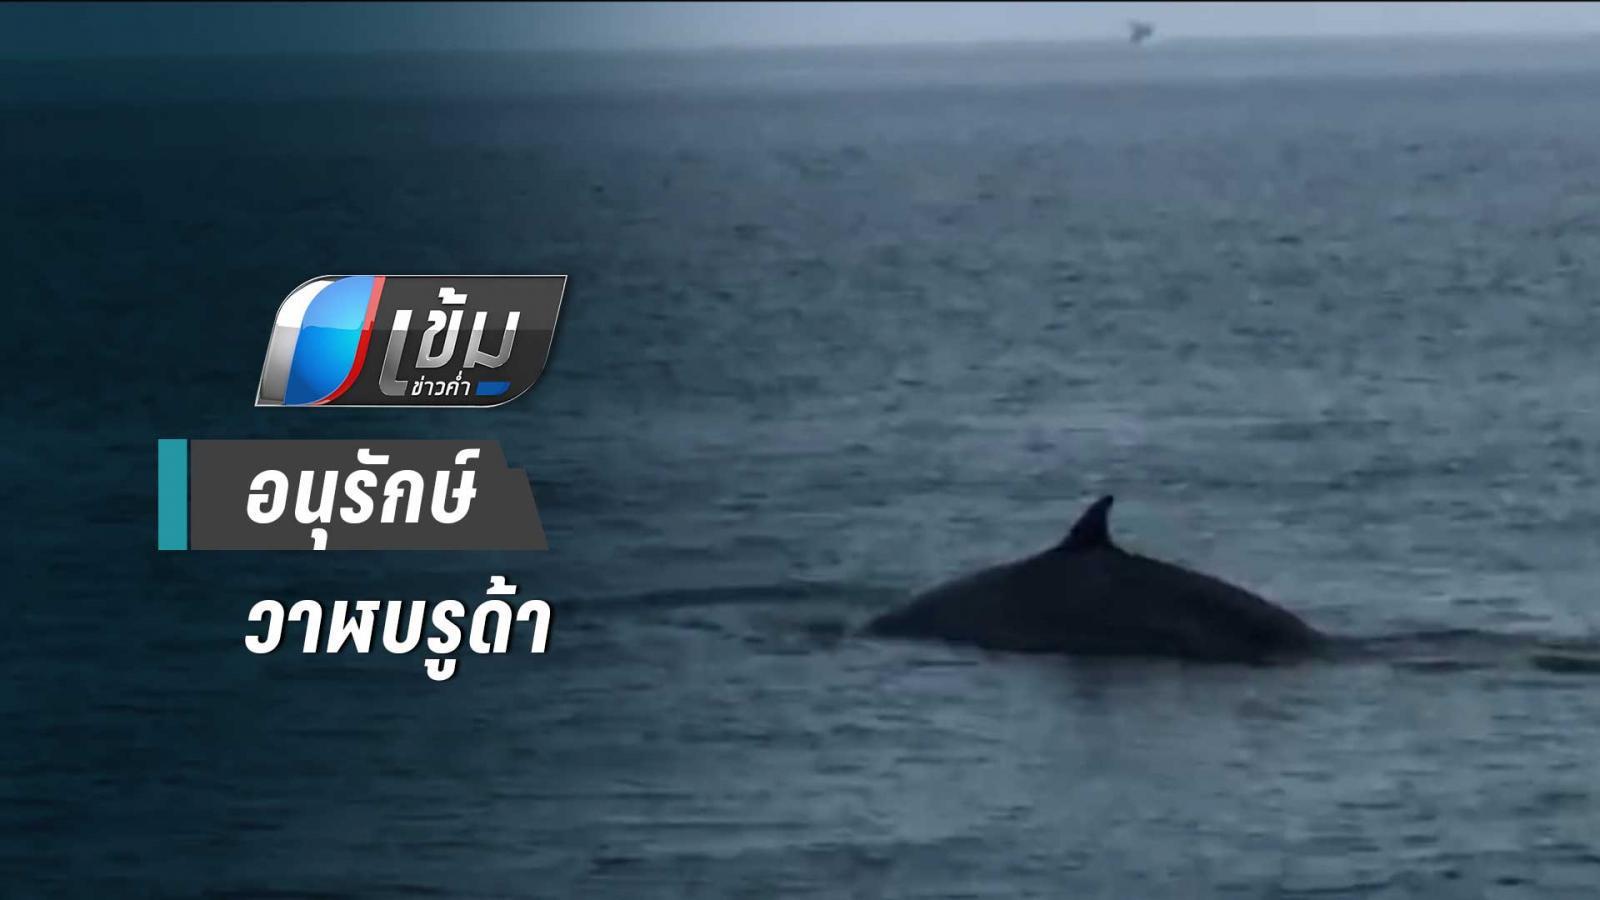 ชุมชนหาดเจ้าสำราญกับความพยายามอนุรักษ์วาฬบรูด้า